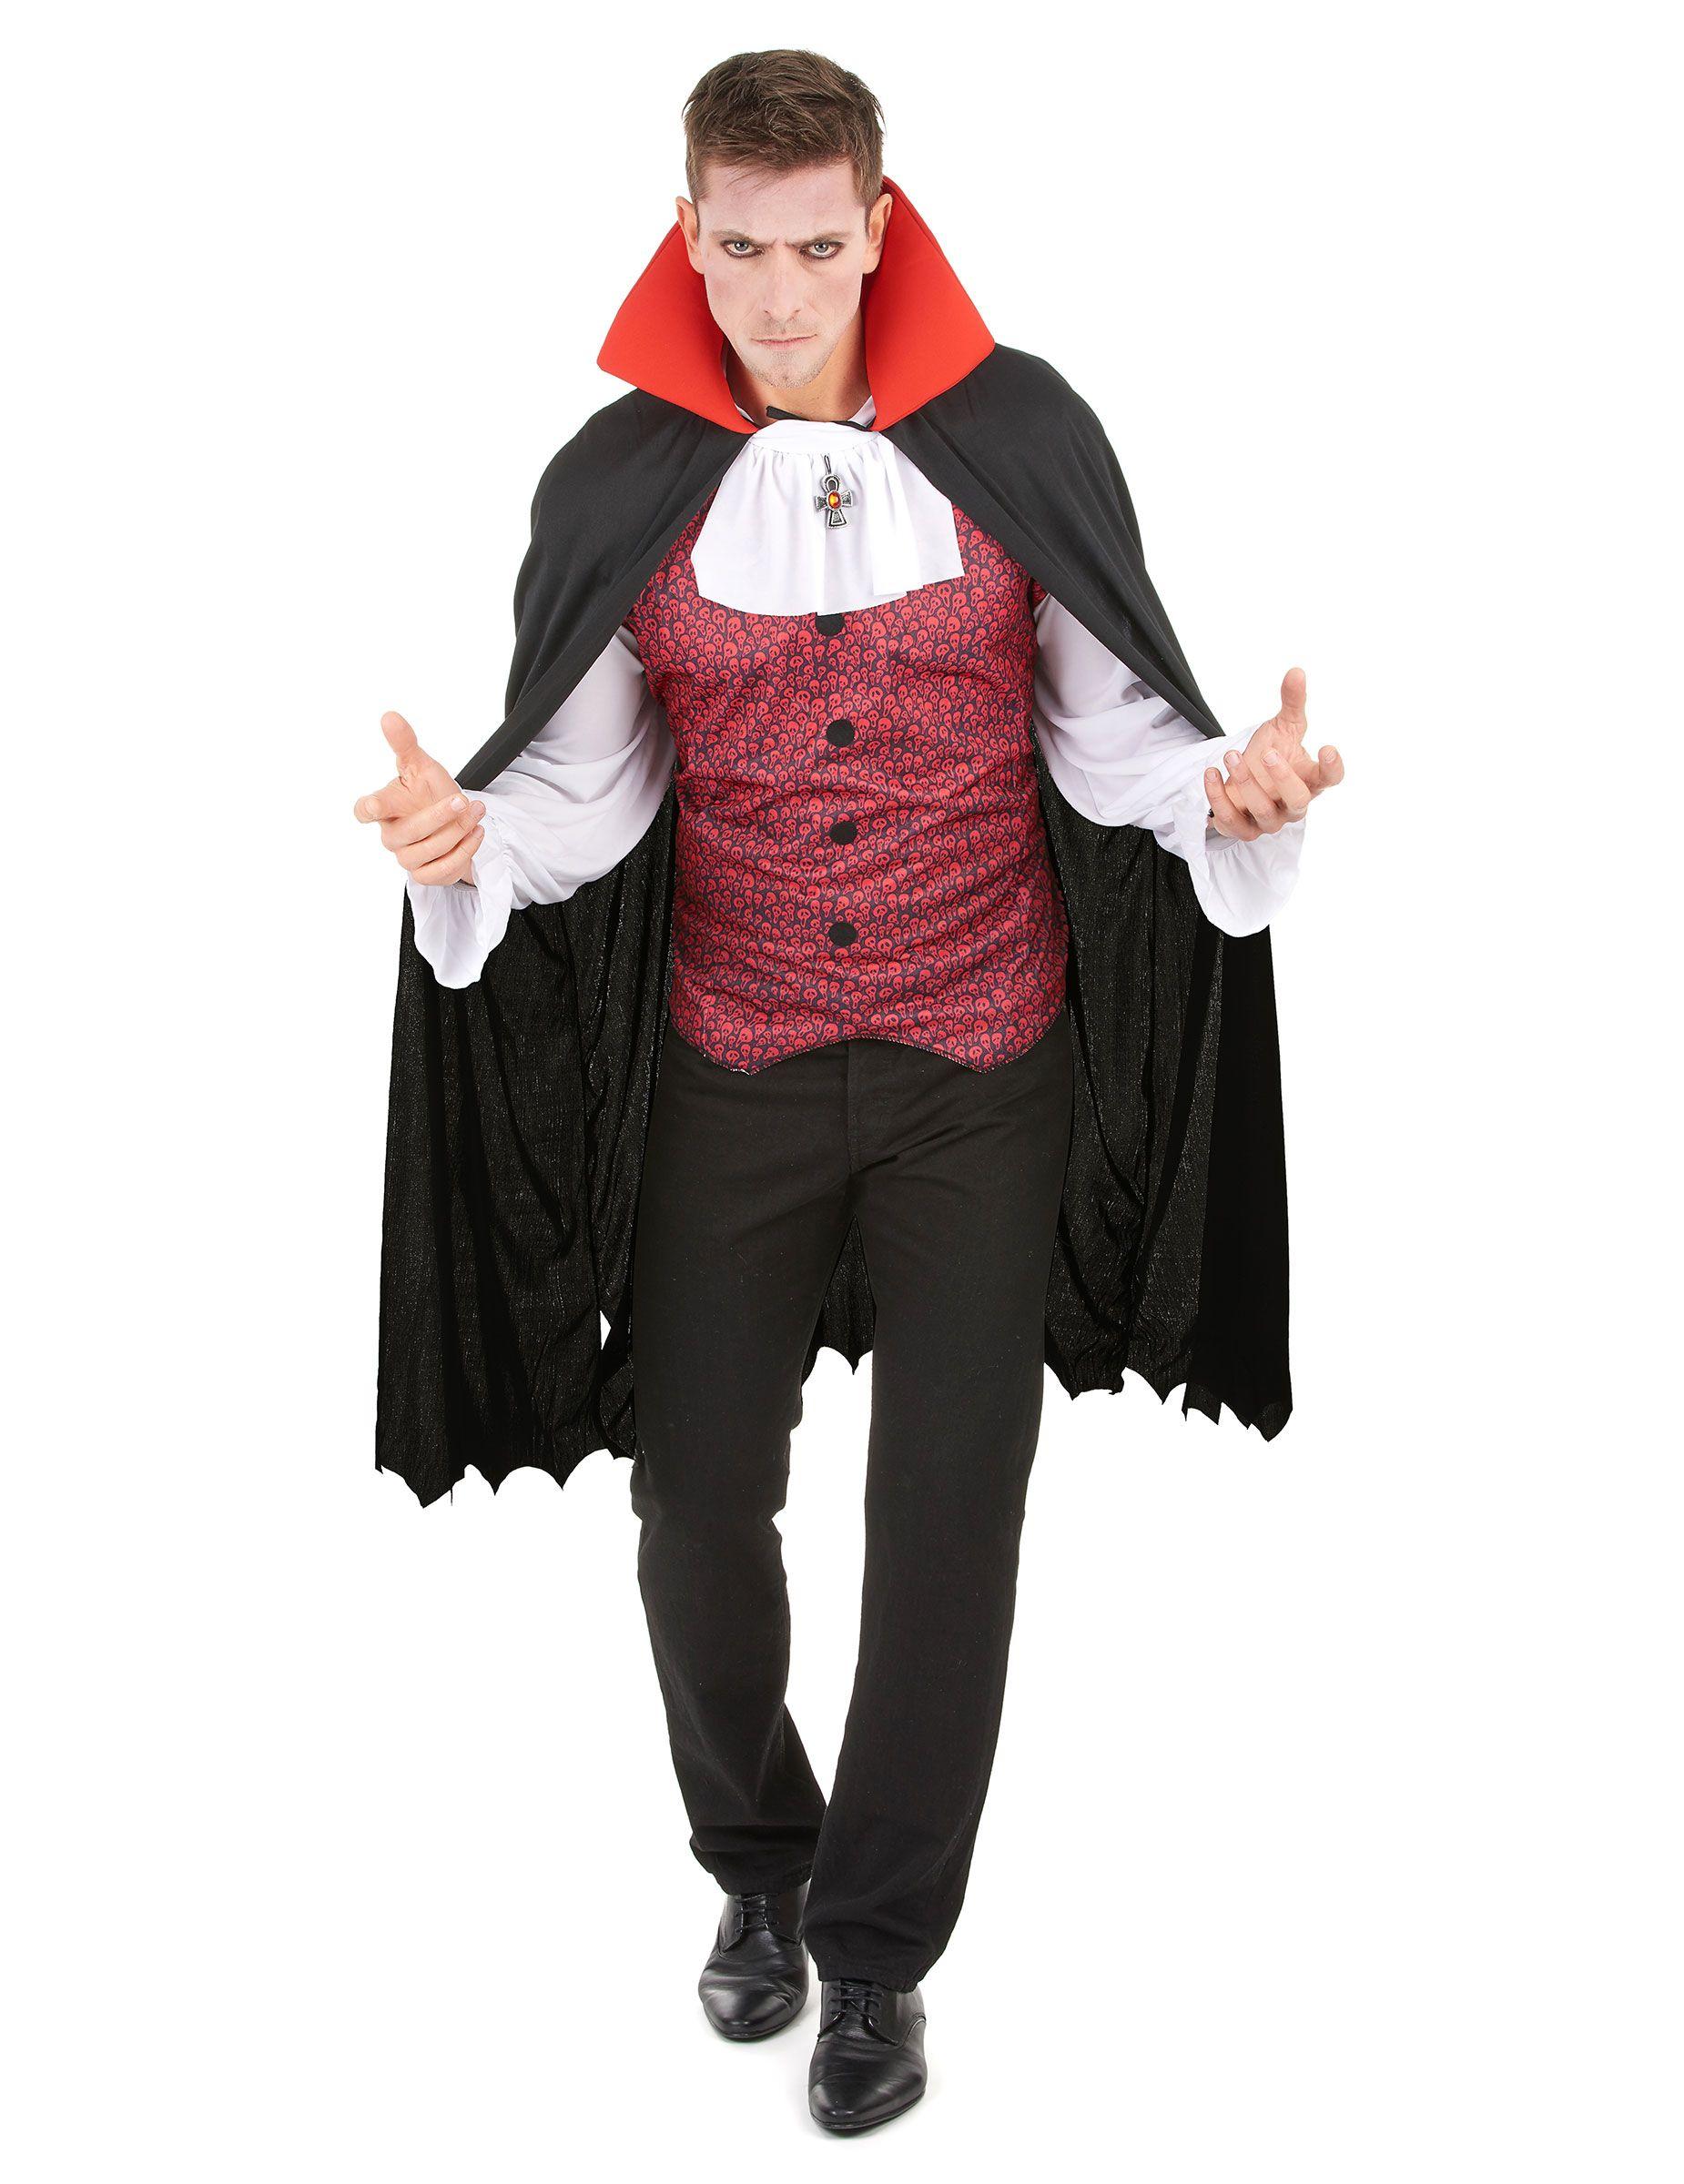 Generique - Chaussures Ensanglantées Homme Halloween uvpQR0